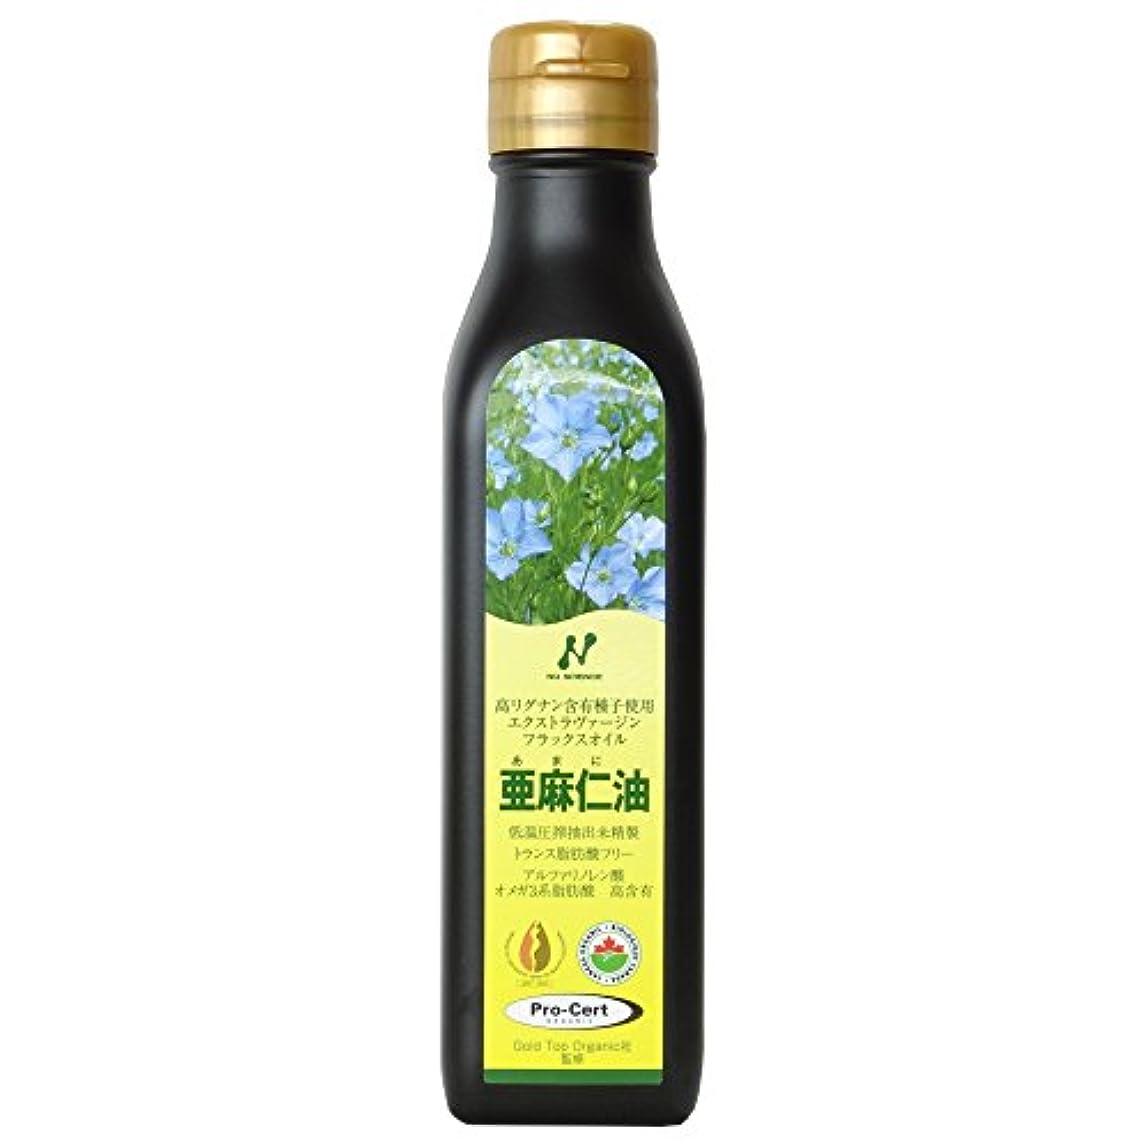 ジョグウェイド価値ニューサイエンス カナダ産 亜麻仁油200ml オーガニック